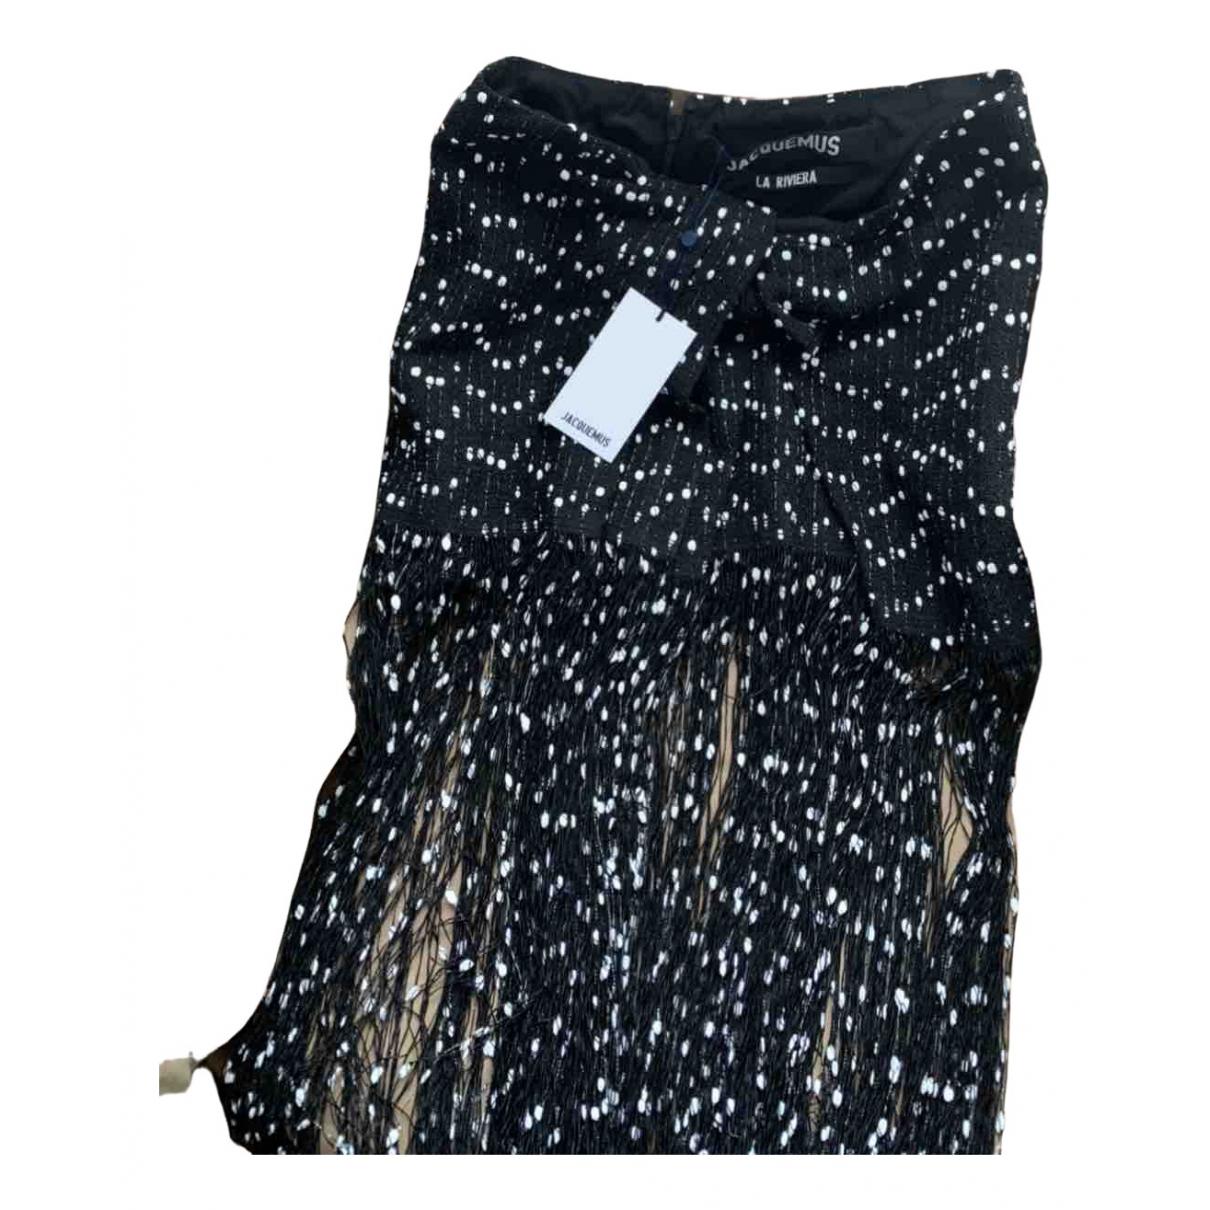 Jacquemus - Jupe La Riviera pour femme en coton - noir